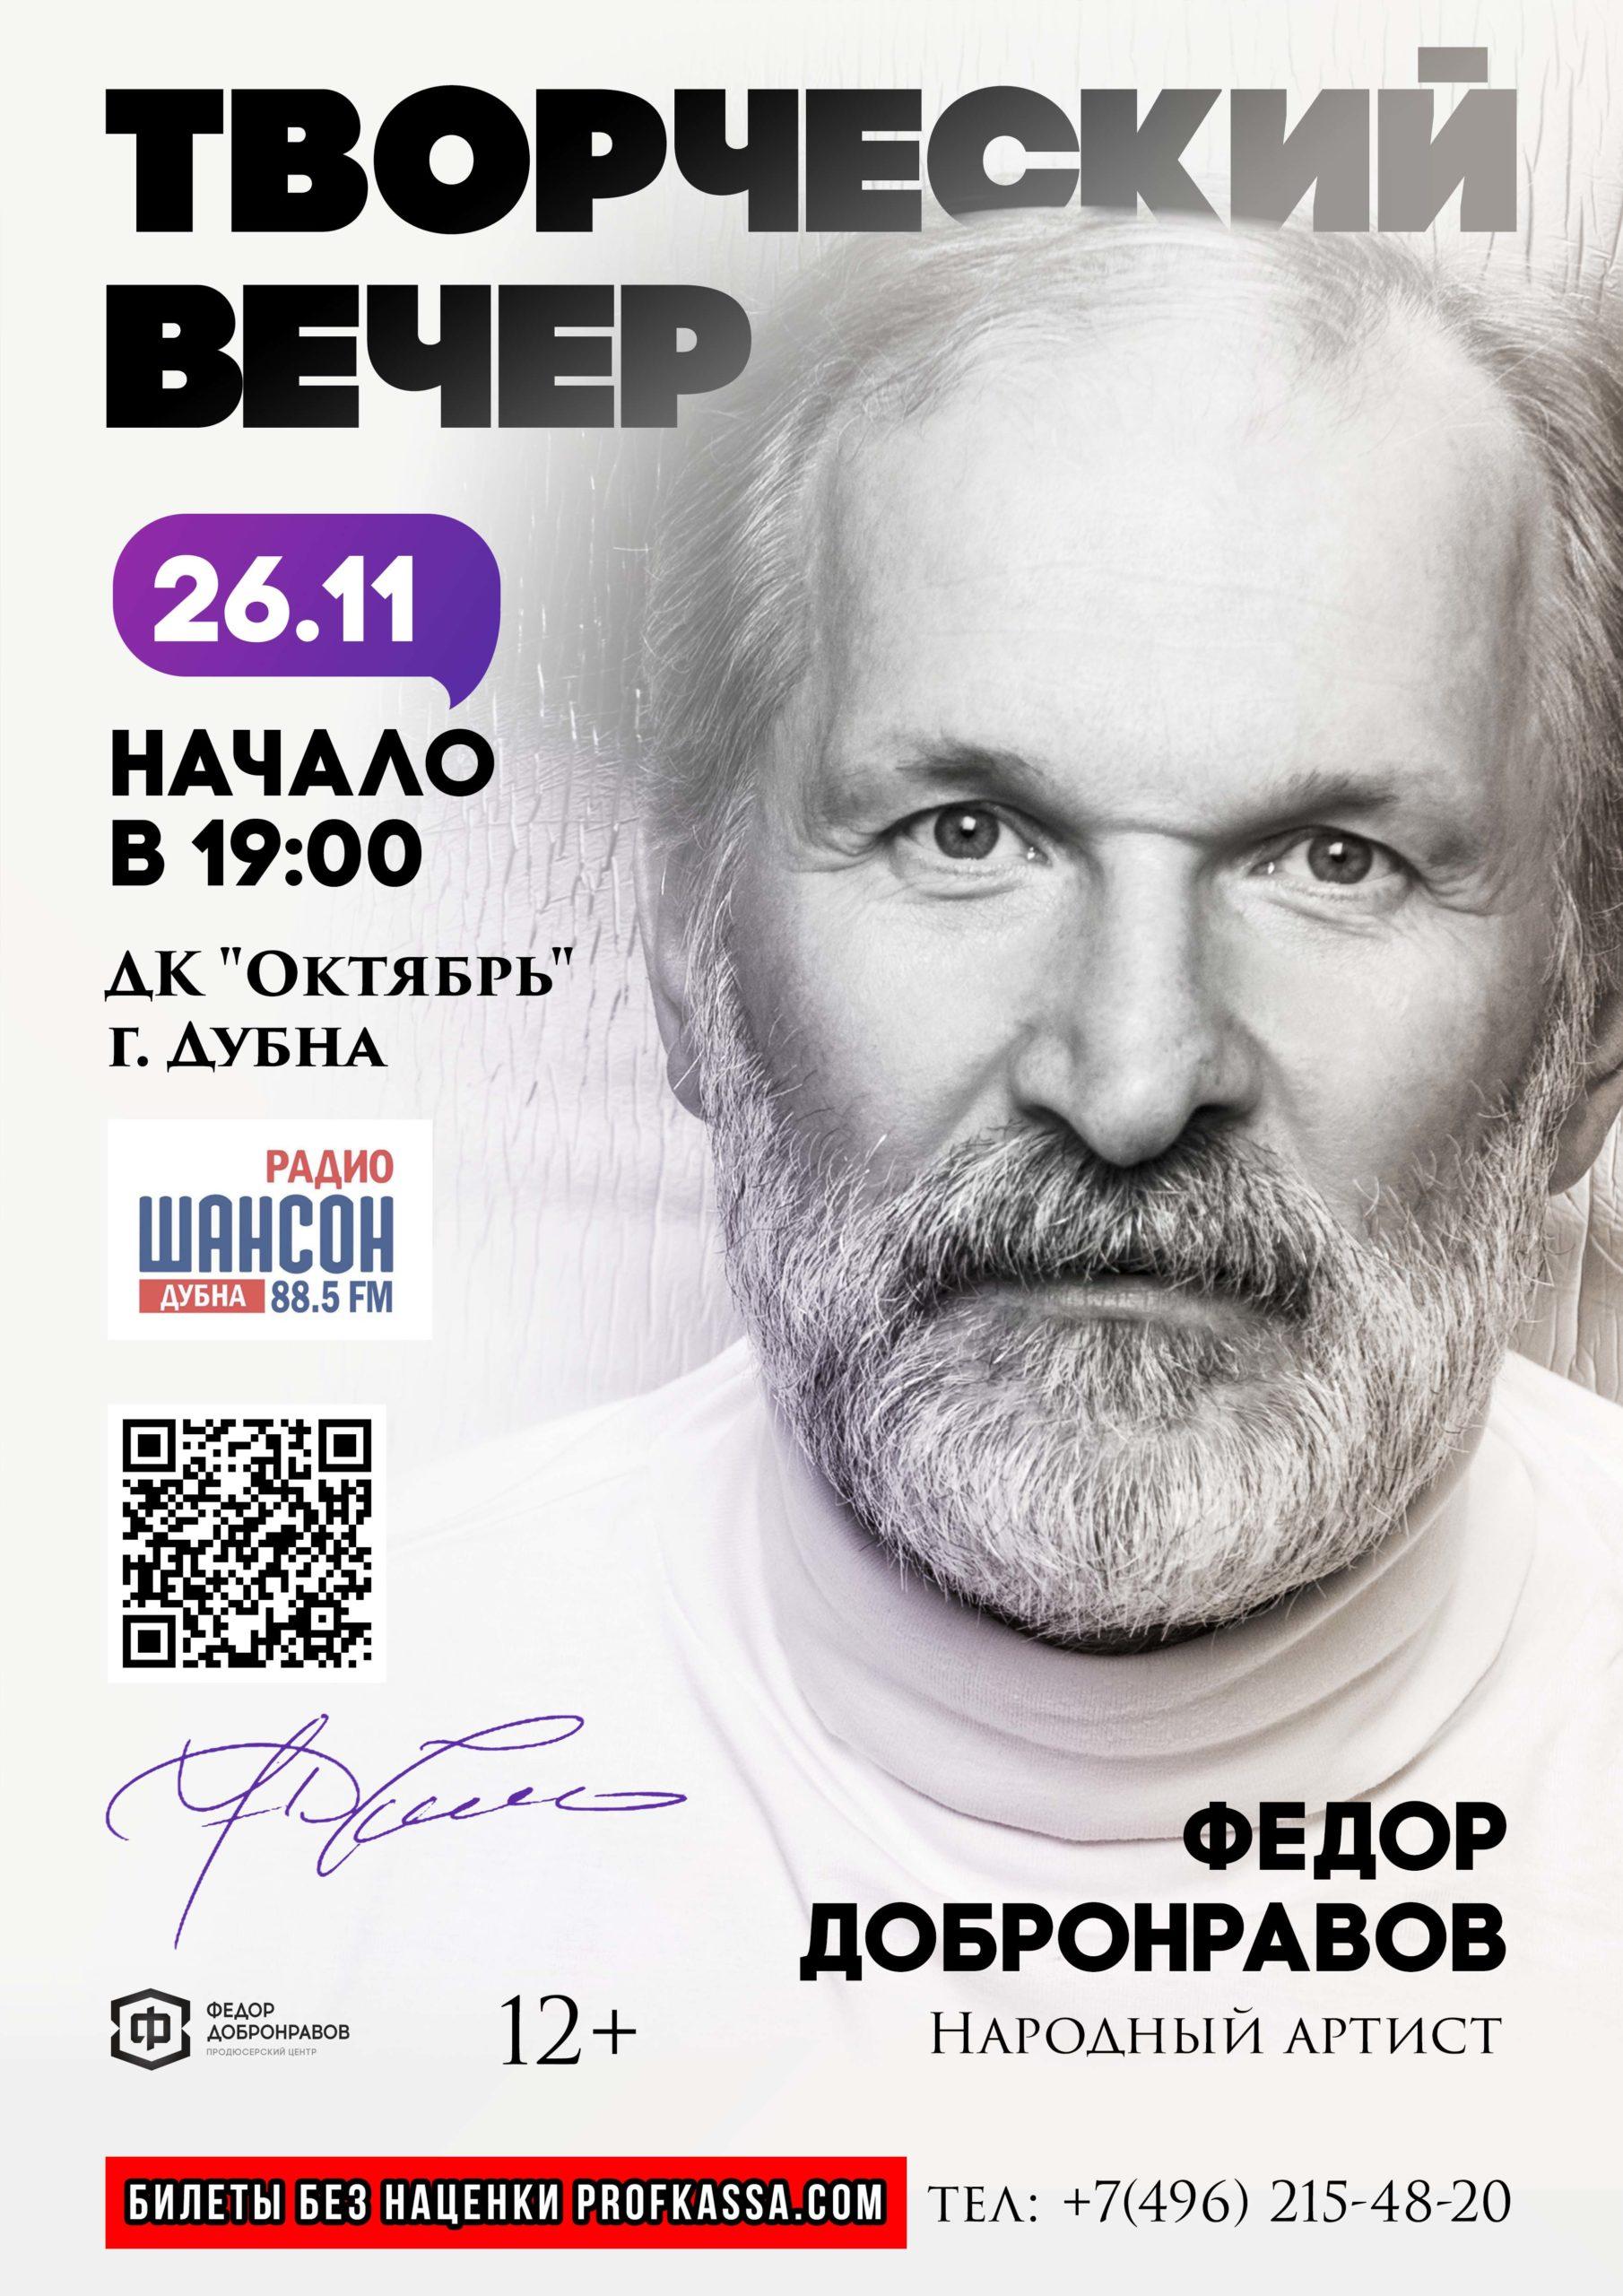 Творческий вечер Федора ДОБРОНРАВОВА